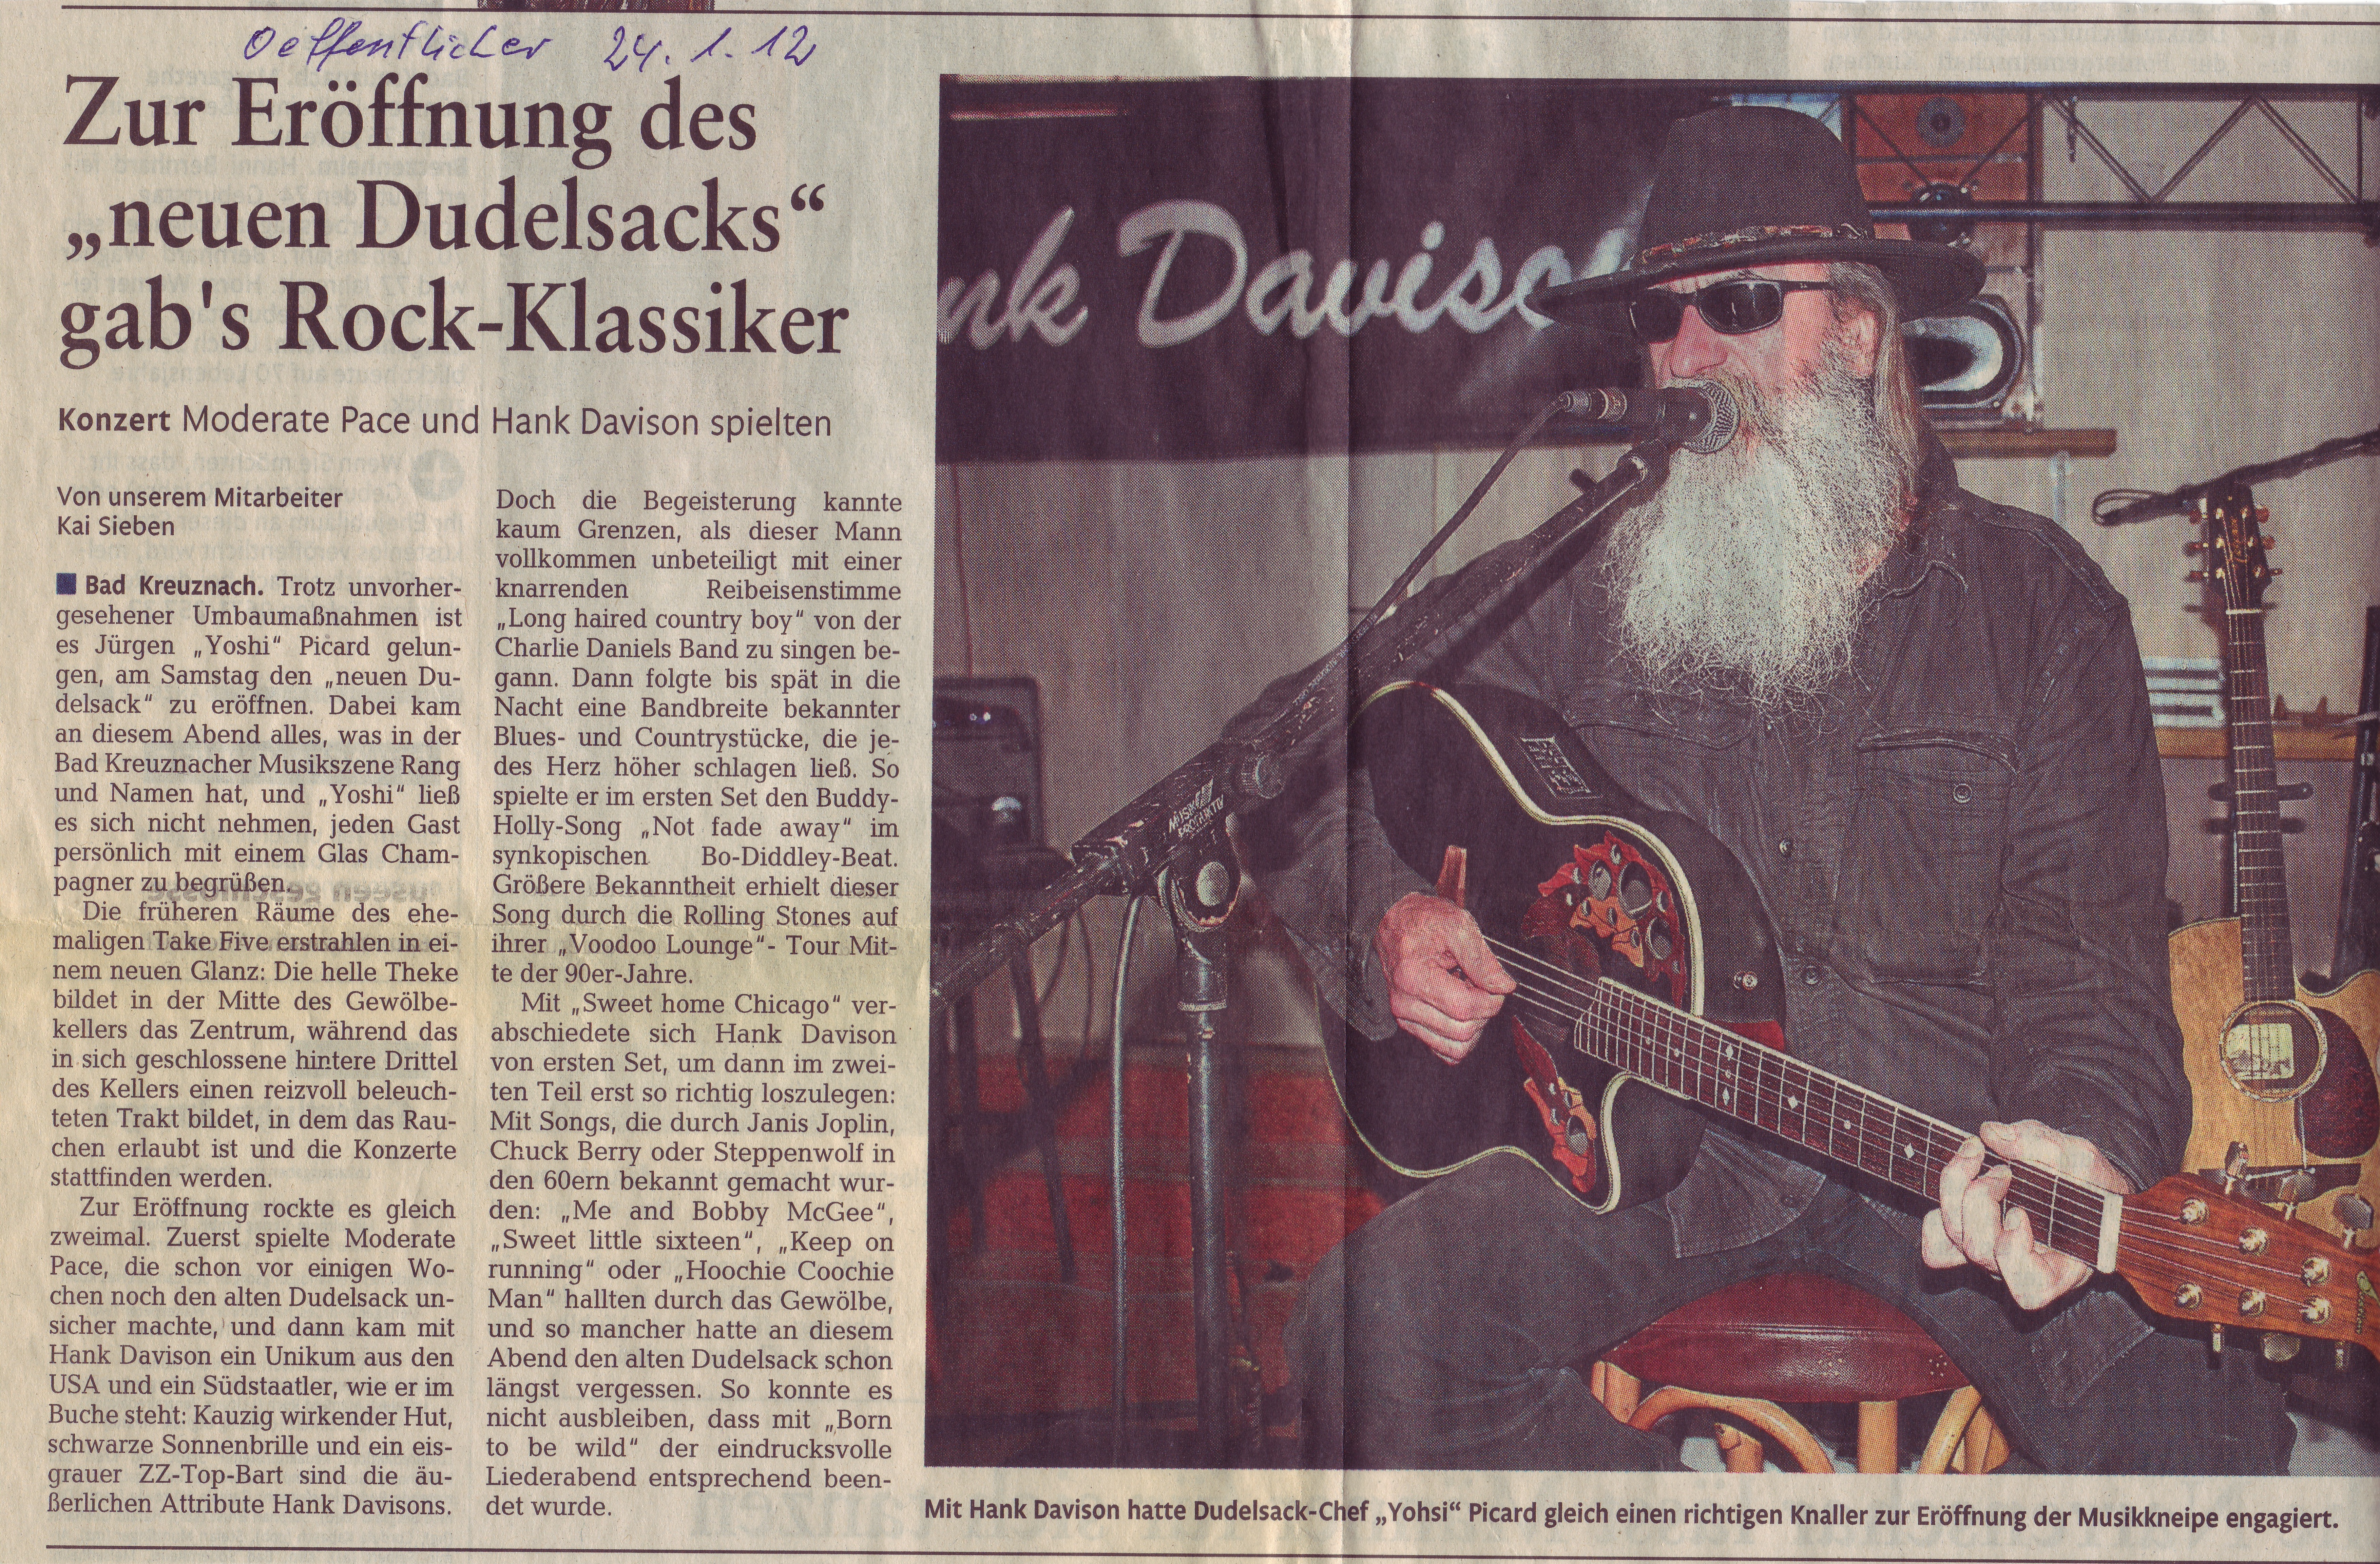 2012.11.24 - Oeffentliche Zeitung